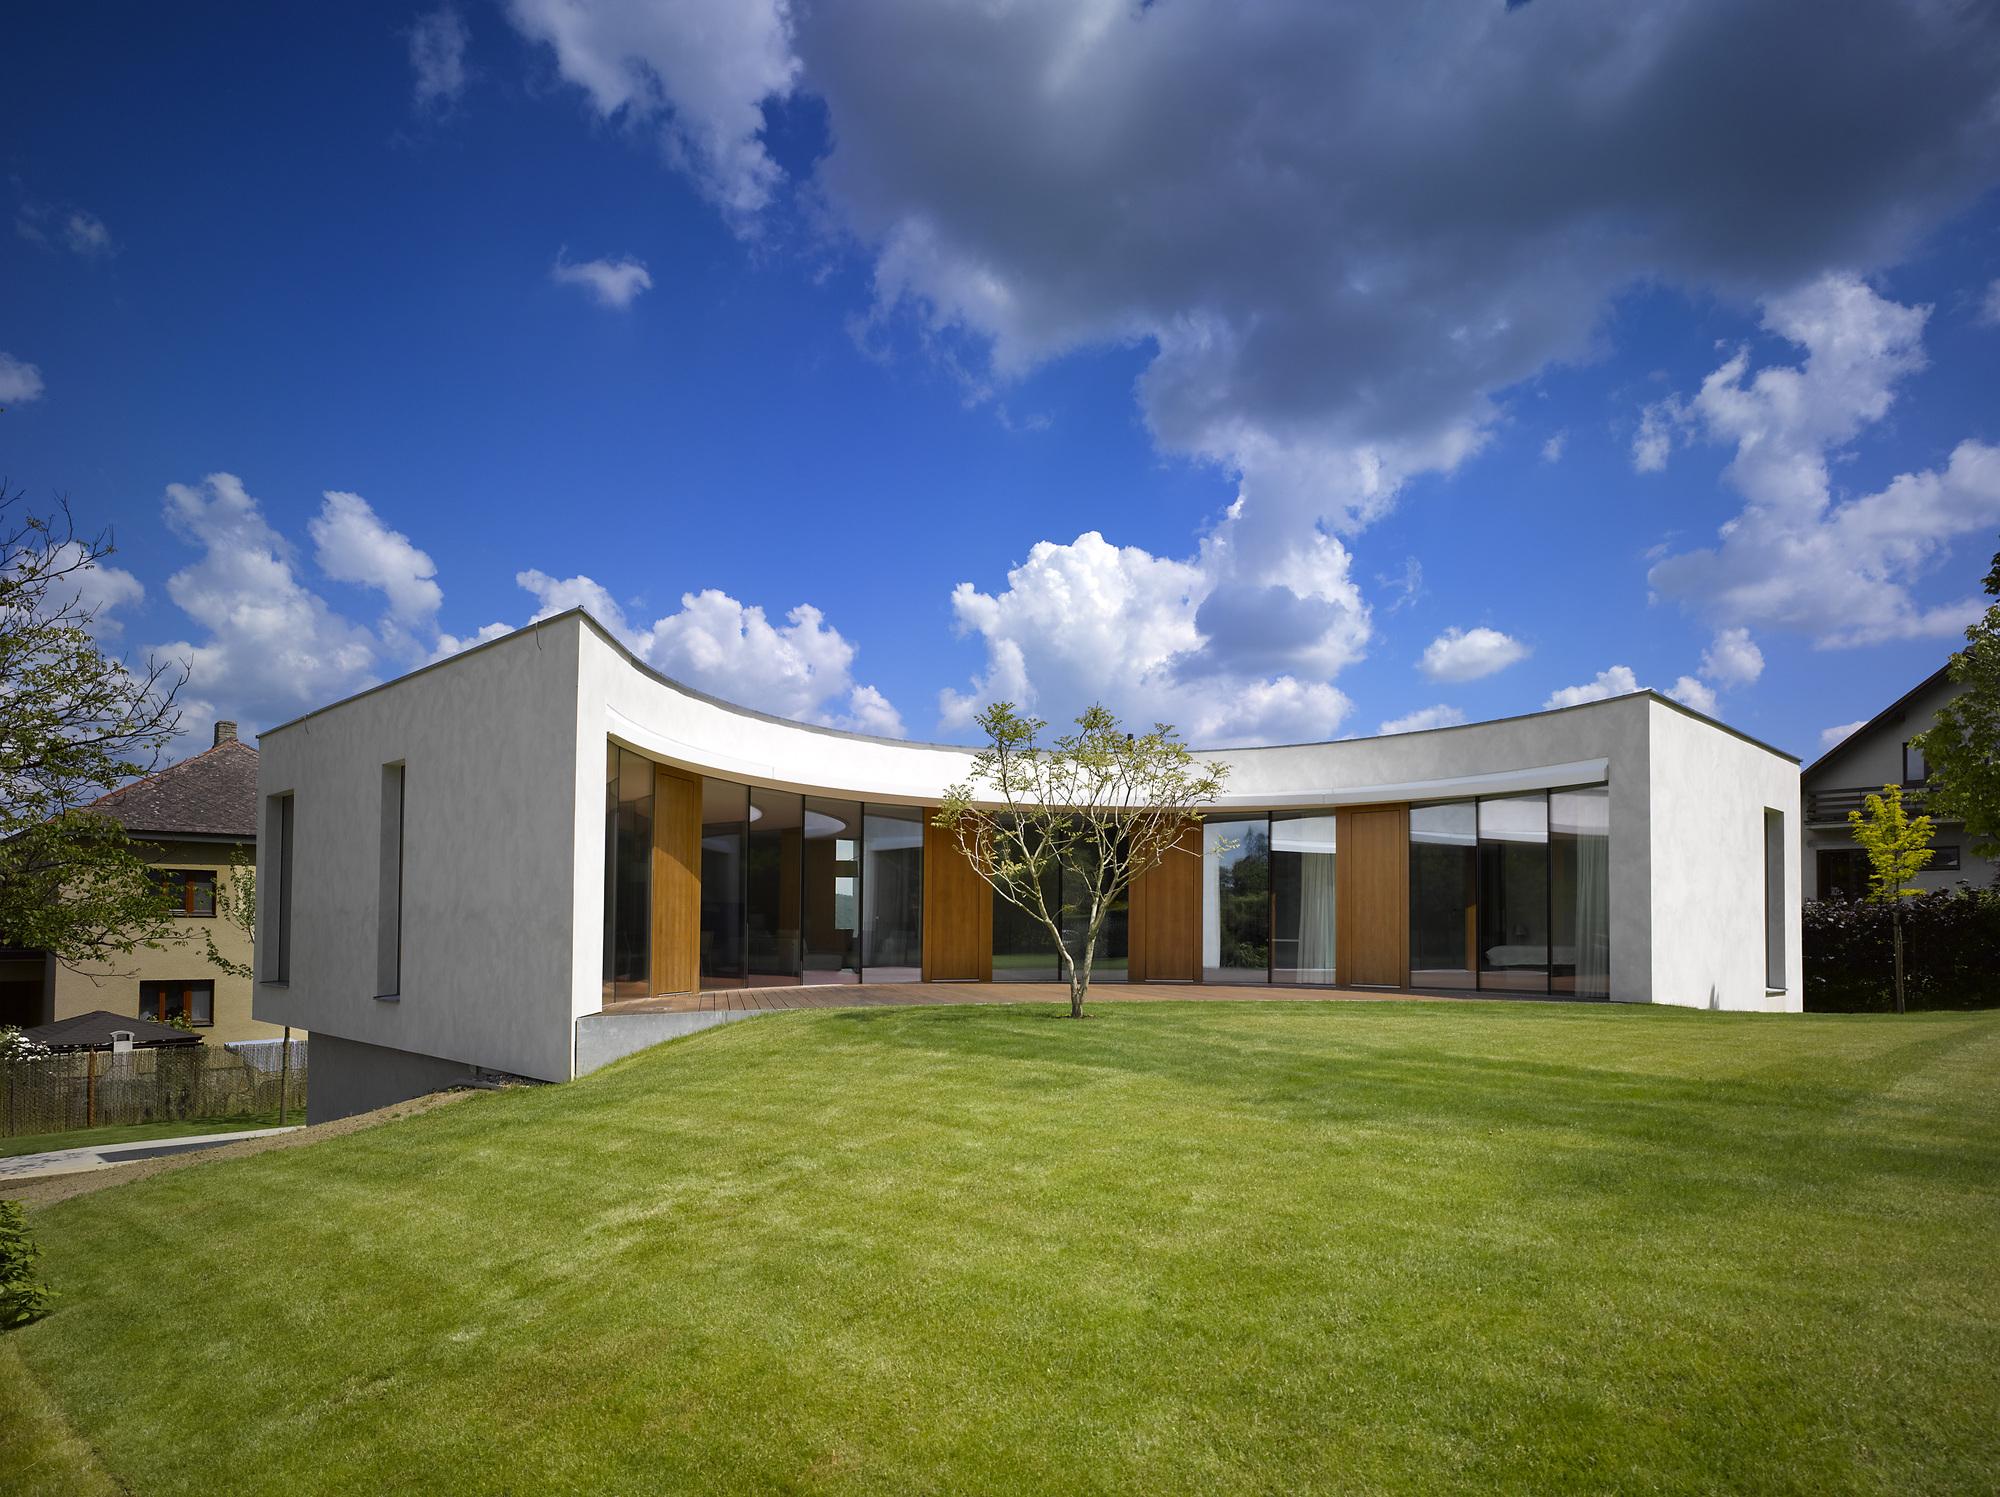 Zakręcony dom / Czechy / JRA Jarousek Rochová Architekti